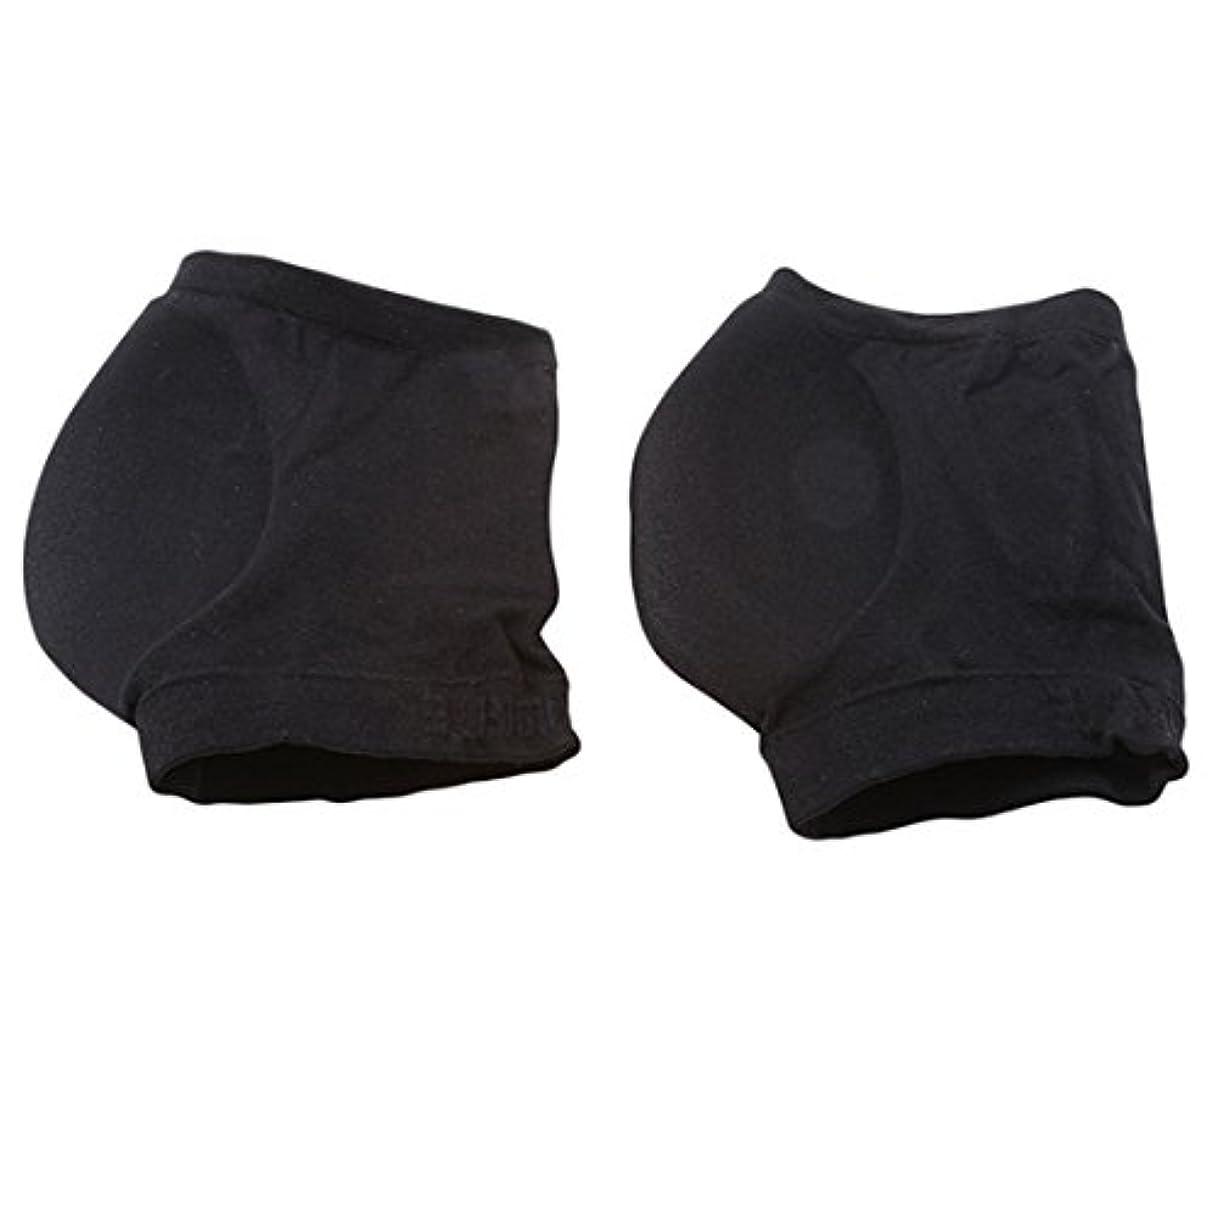 シンプトン保守的意気揚々KLUMA 靴下 かかと ソックス 角質ケア うるおい 保湿 角質除去 足ケア レディース メンズ